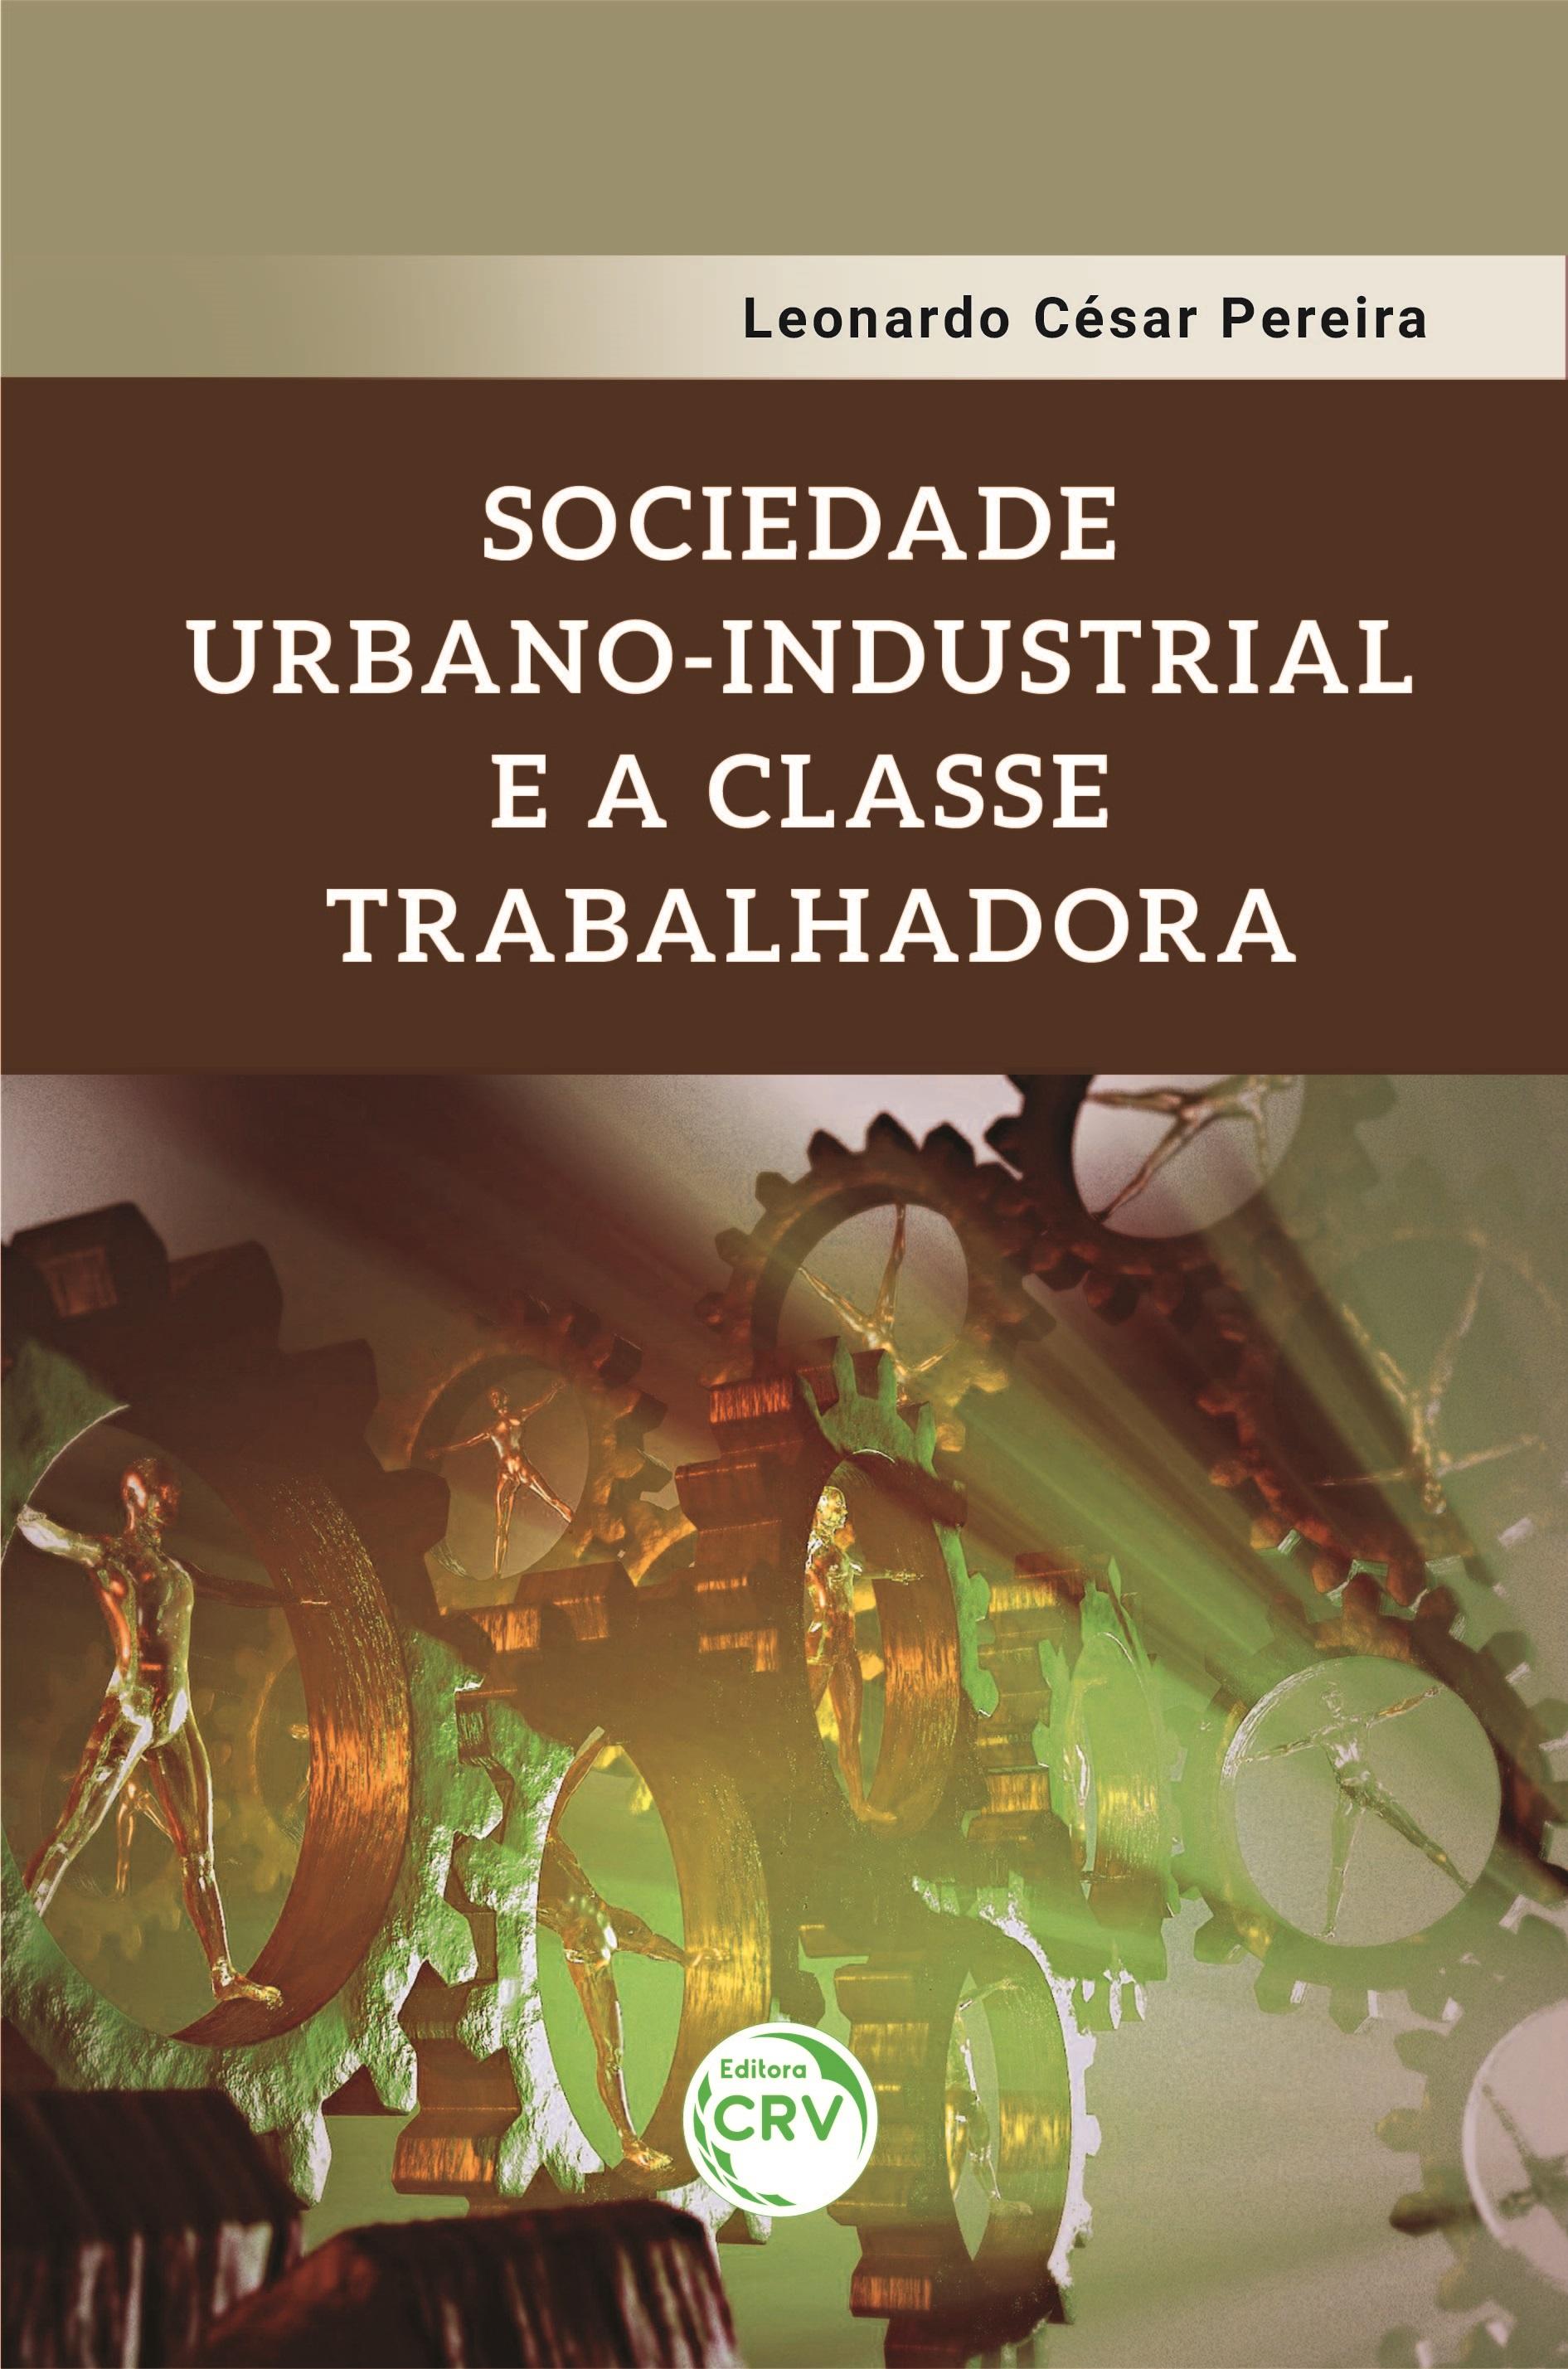 Capa do livro: SOCIEDADE URBANO-INDUSTRIAL E A CLASSE TRABALHADORA